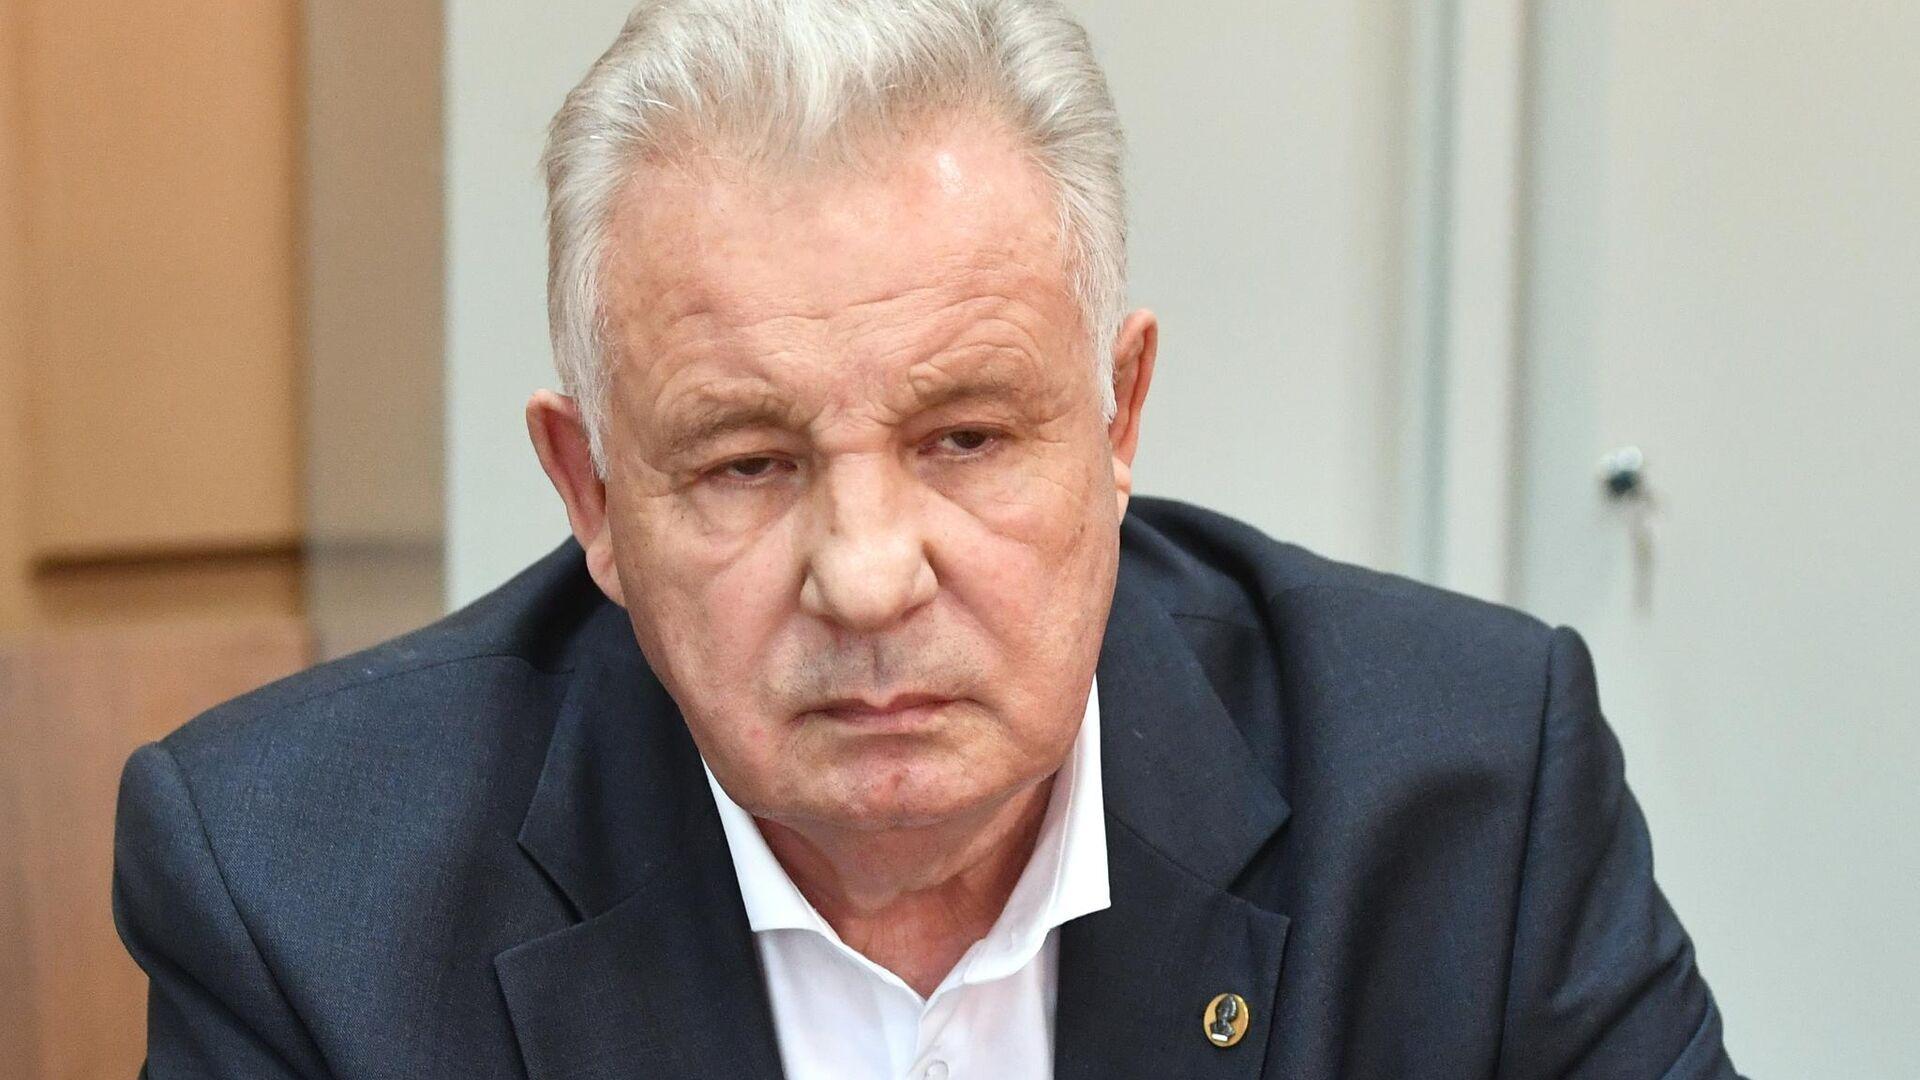 Суд над экс-губернатором Хабаровского края Ишаевым отложили до 13 января